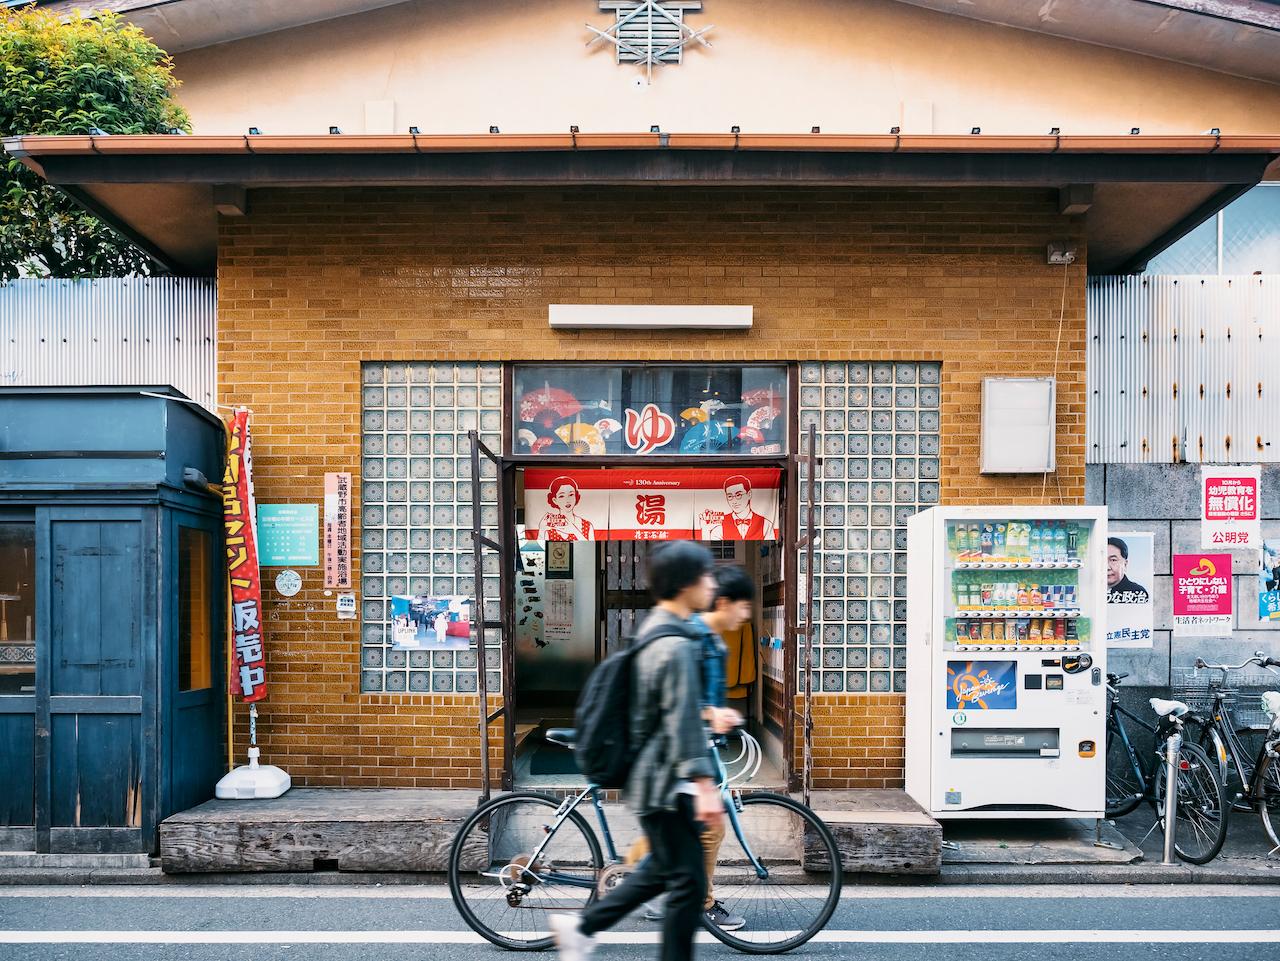 【混浴の日本史】日本の「混浴」はアメリカ人がうらやむもの!?禁止と復活を経て消えゆく文化 画像4